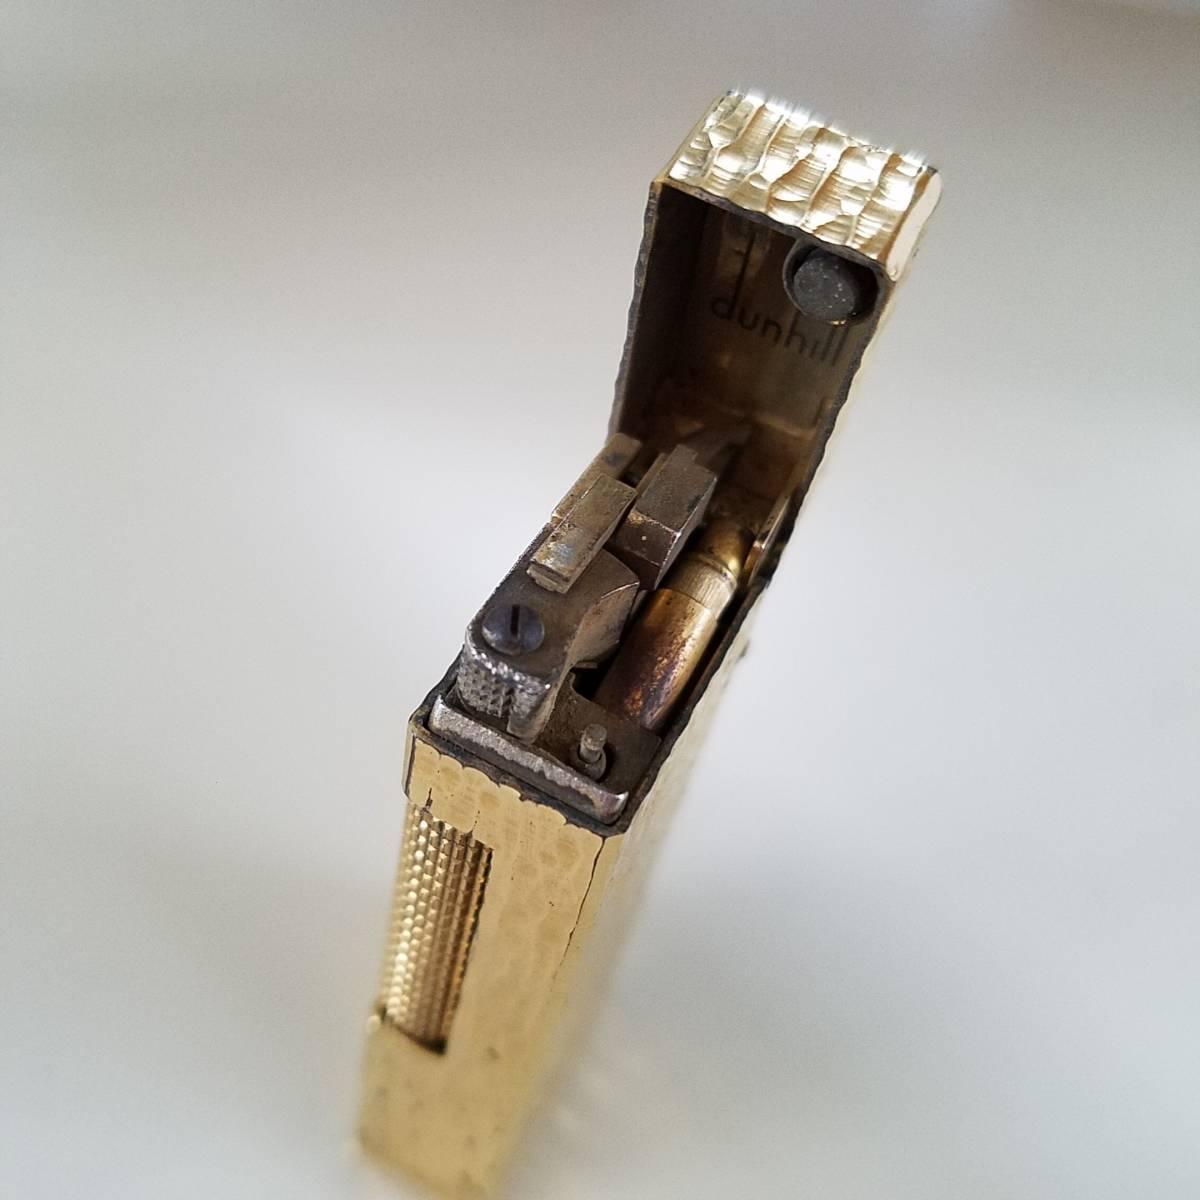 ダンヒル dunhill ゴールド 喫煙具 ライター 中古 _画像4